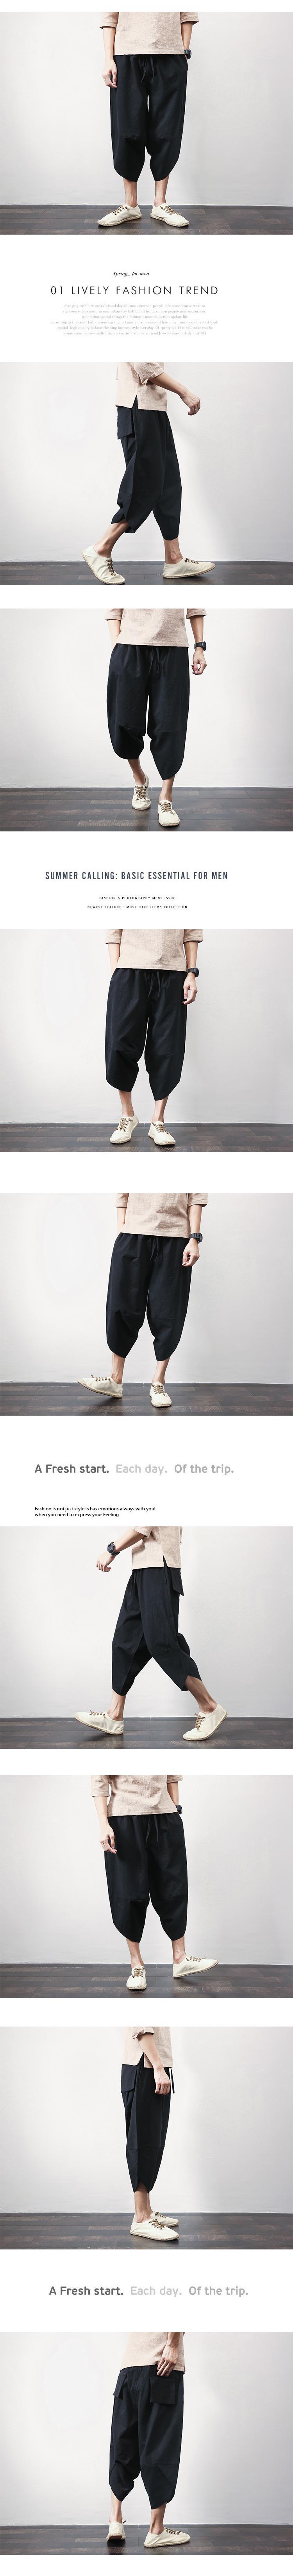 夏季薄款寬鬆闊腿7分大碼褲男韓版潮休閒七分哈倫褲八分東巴褲子